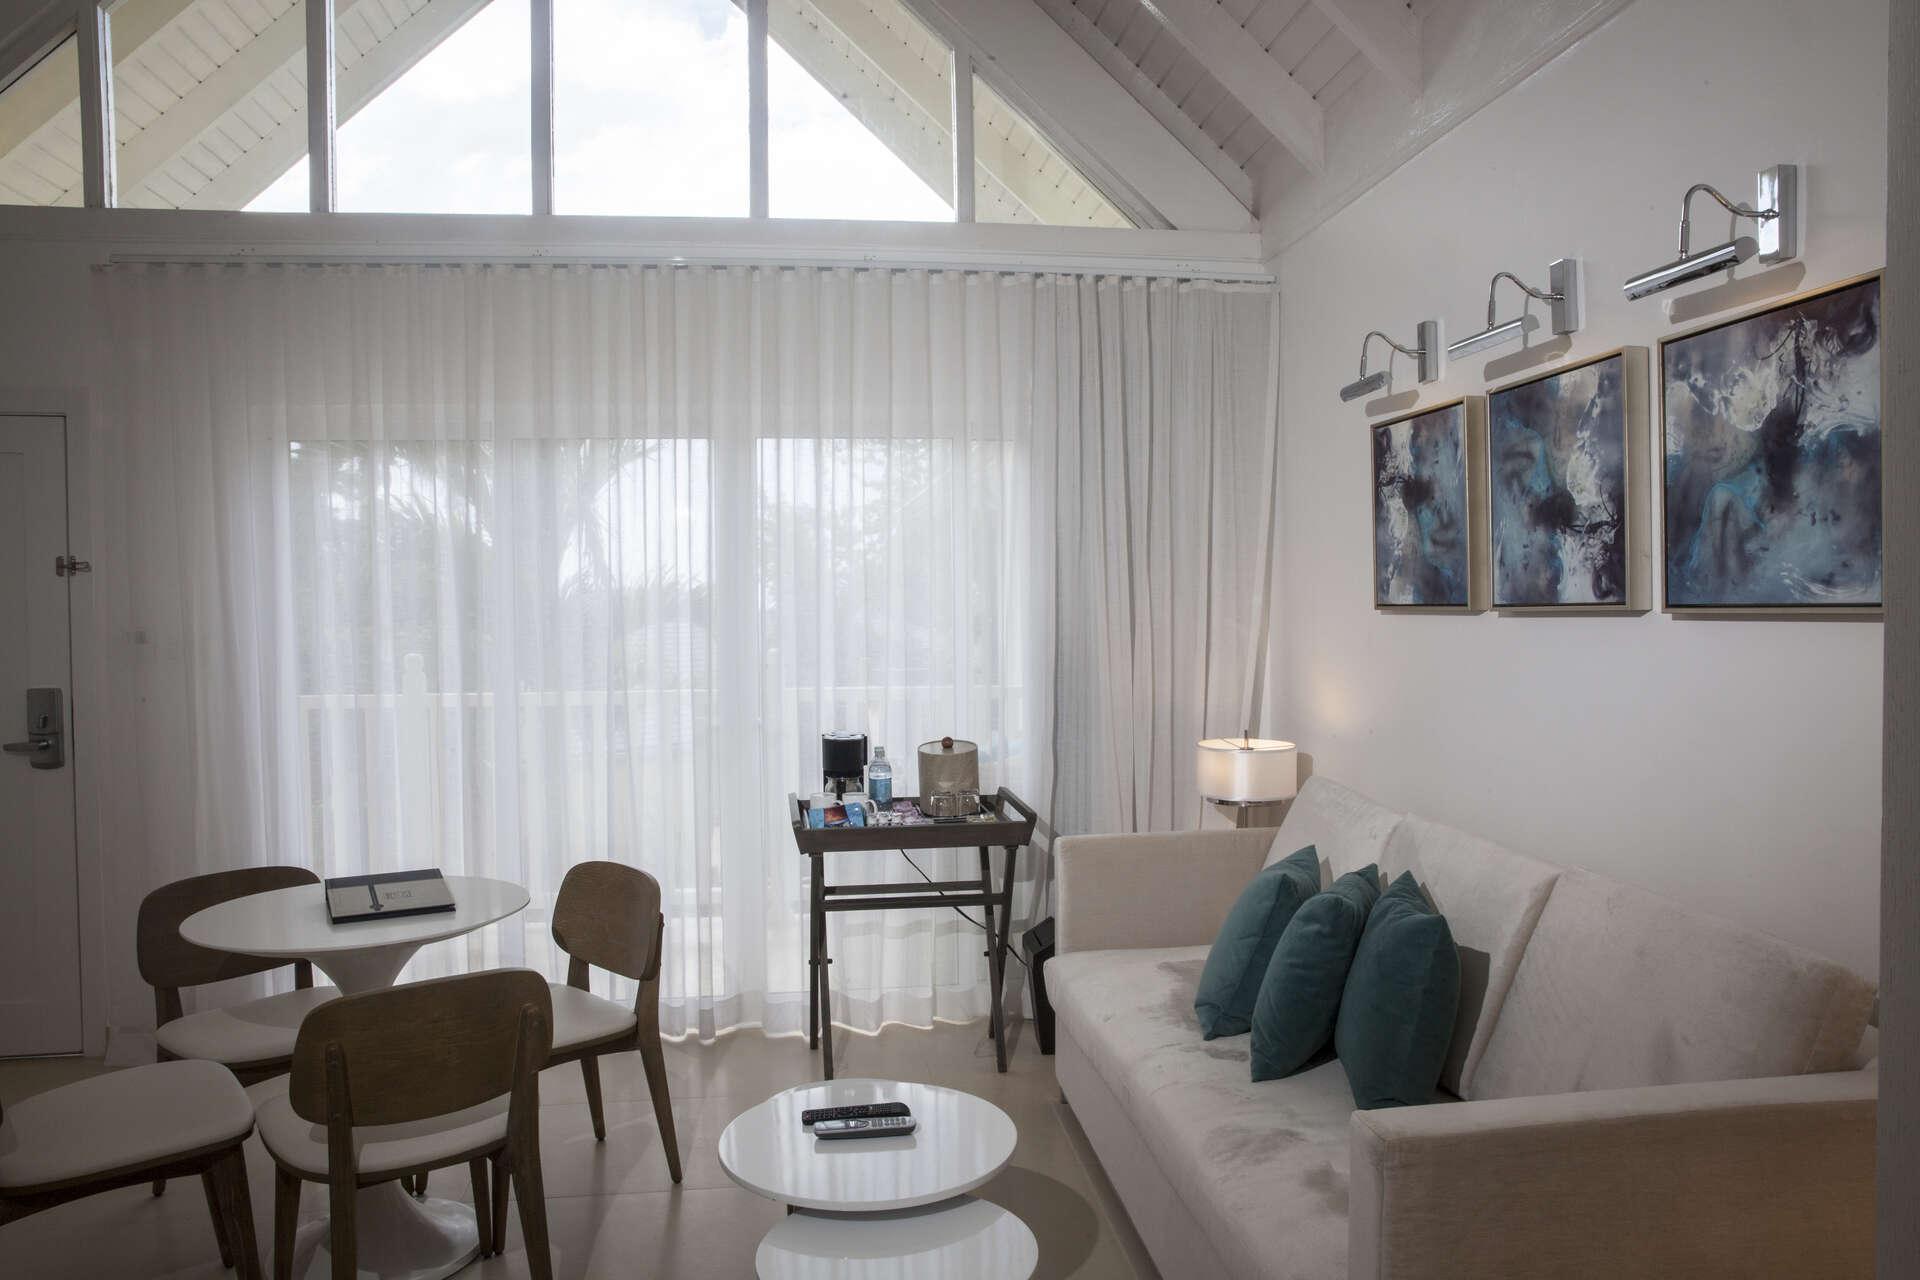 - Ocean View Family Loft Suite - Image 1/14